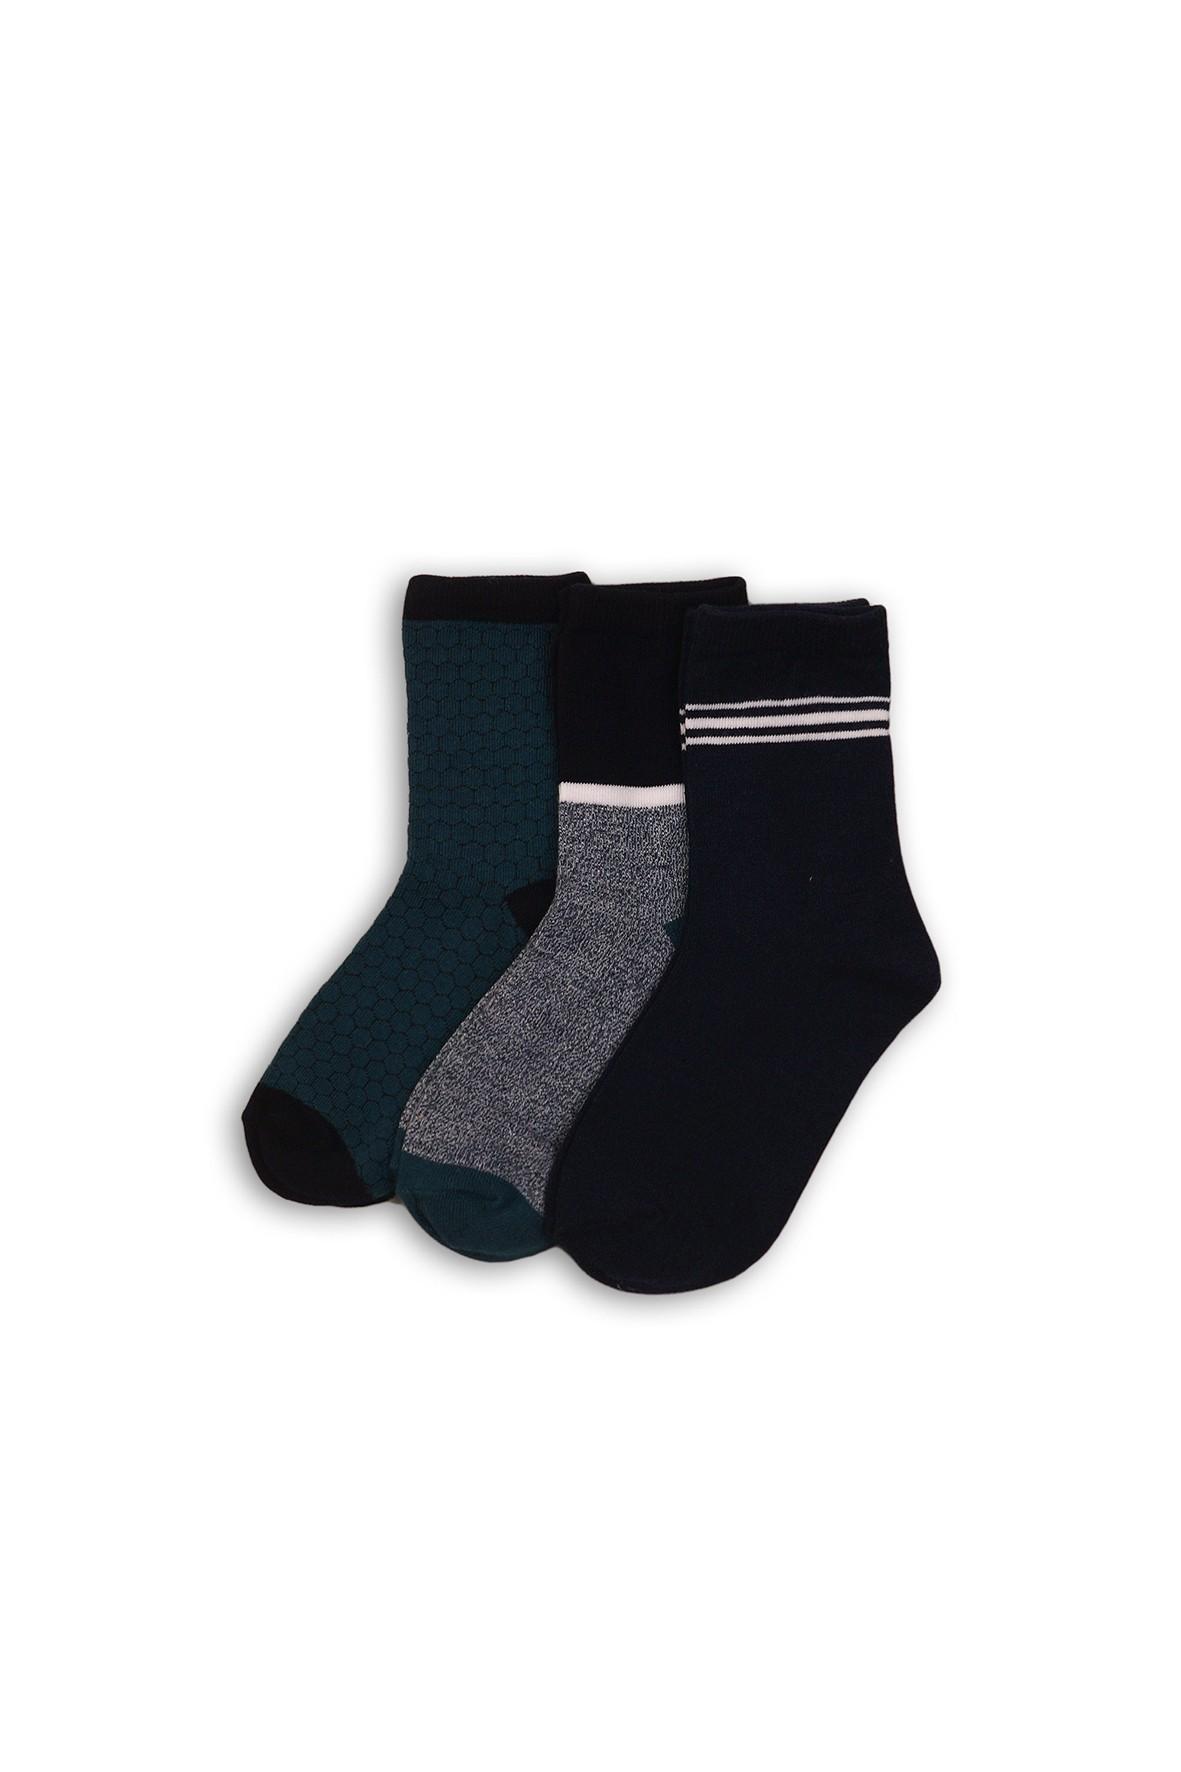 Skarpety chłopięce zielone-szare-czarne 3 pak